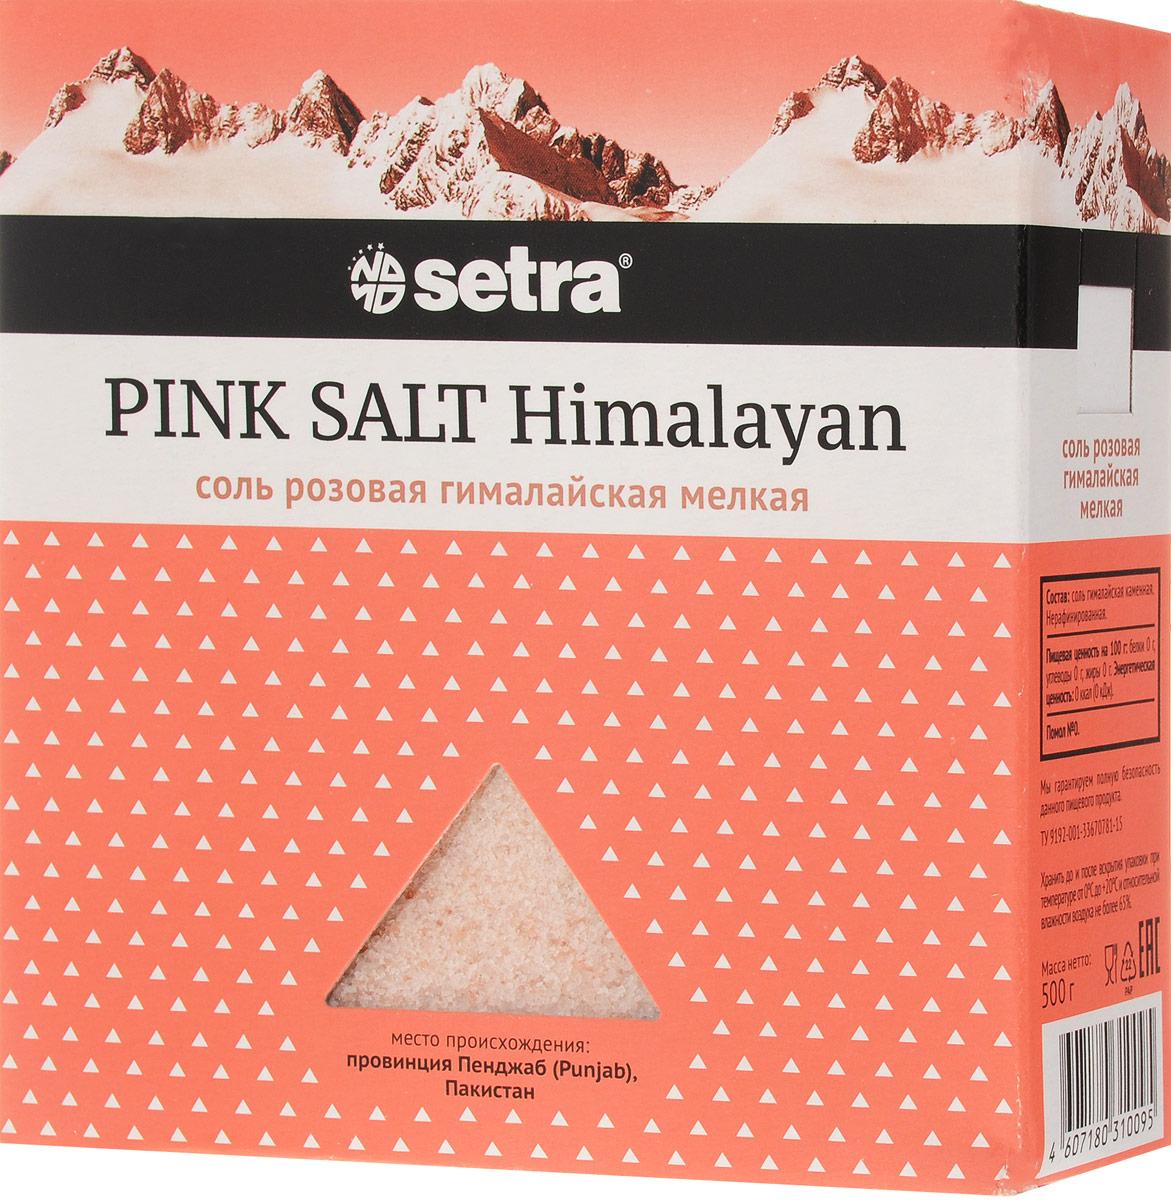 Setra соль розовая гималайская мелкая, 500 г бте007